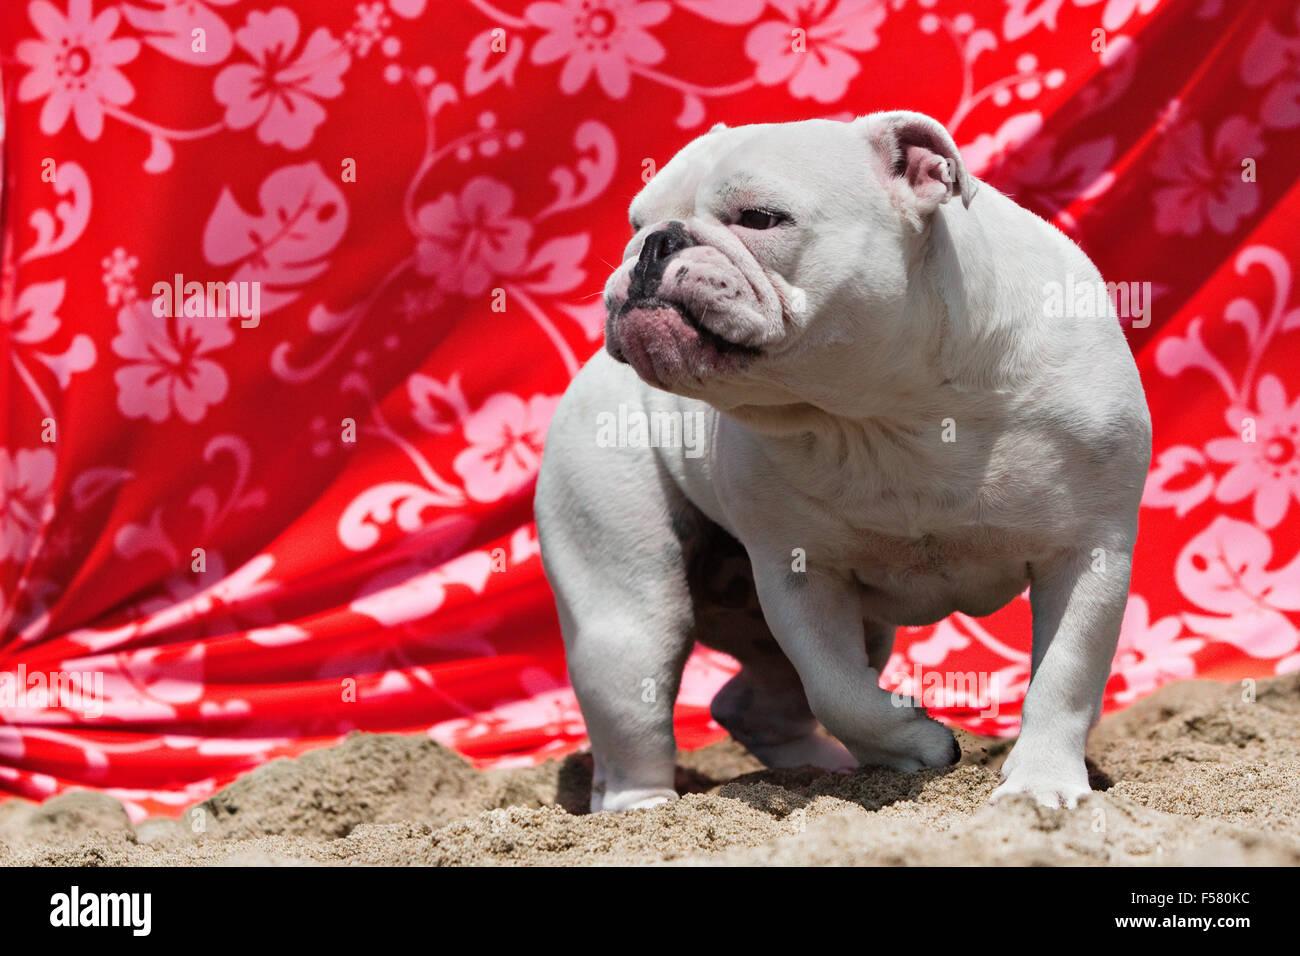 Ganzkörper von weißen Bulldog gehen im Sand am Strand vor orange floral print drapierten Stoff sah aus Stockbild